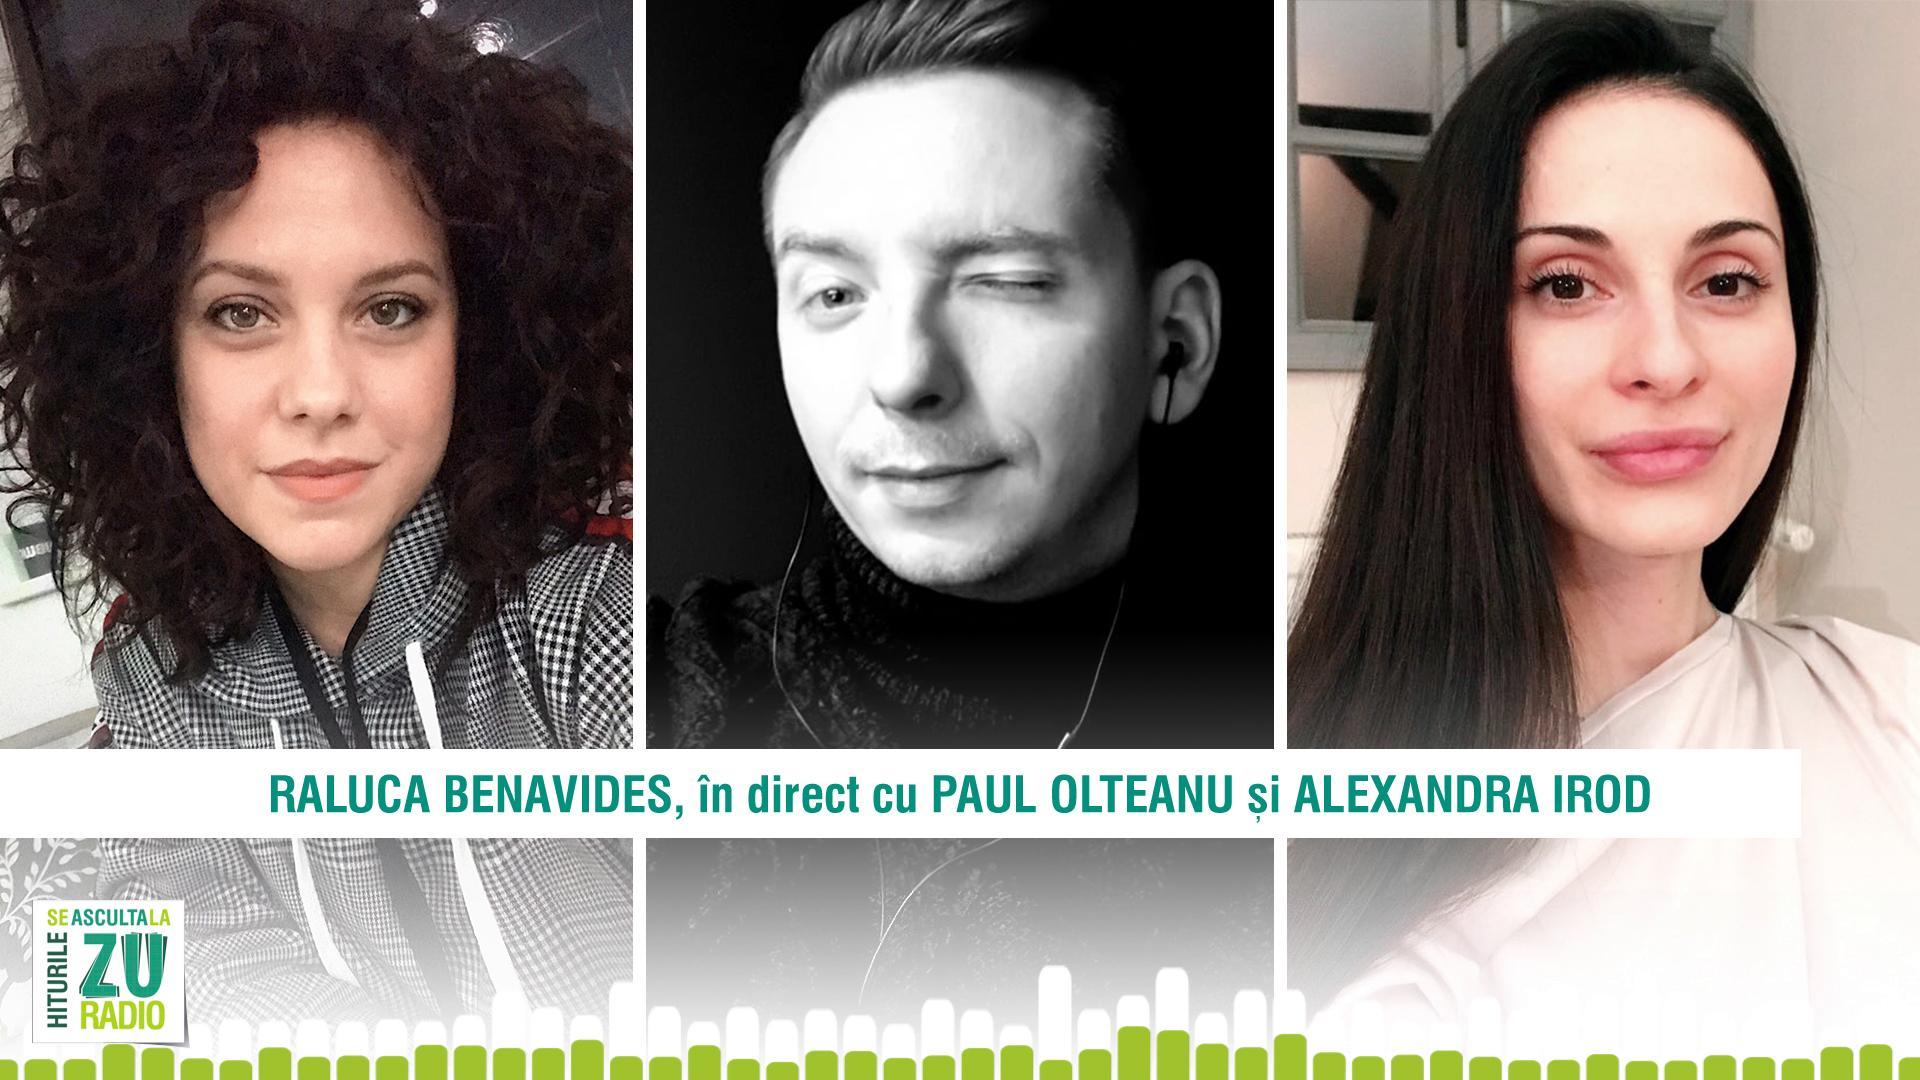 LIVE Radio ZU: Provocările adolescenței discutate din perspectivă psihologică și neuroștiintifică de Alexandra Irod și Paul Olteanu